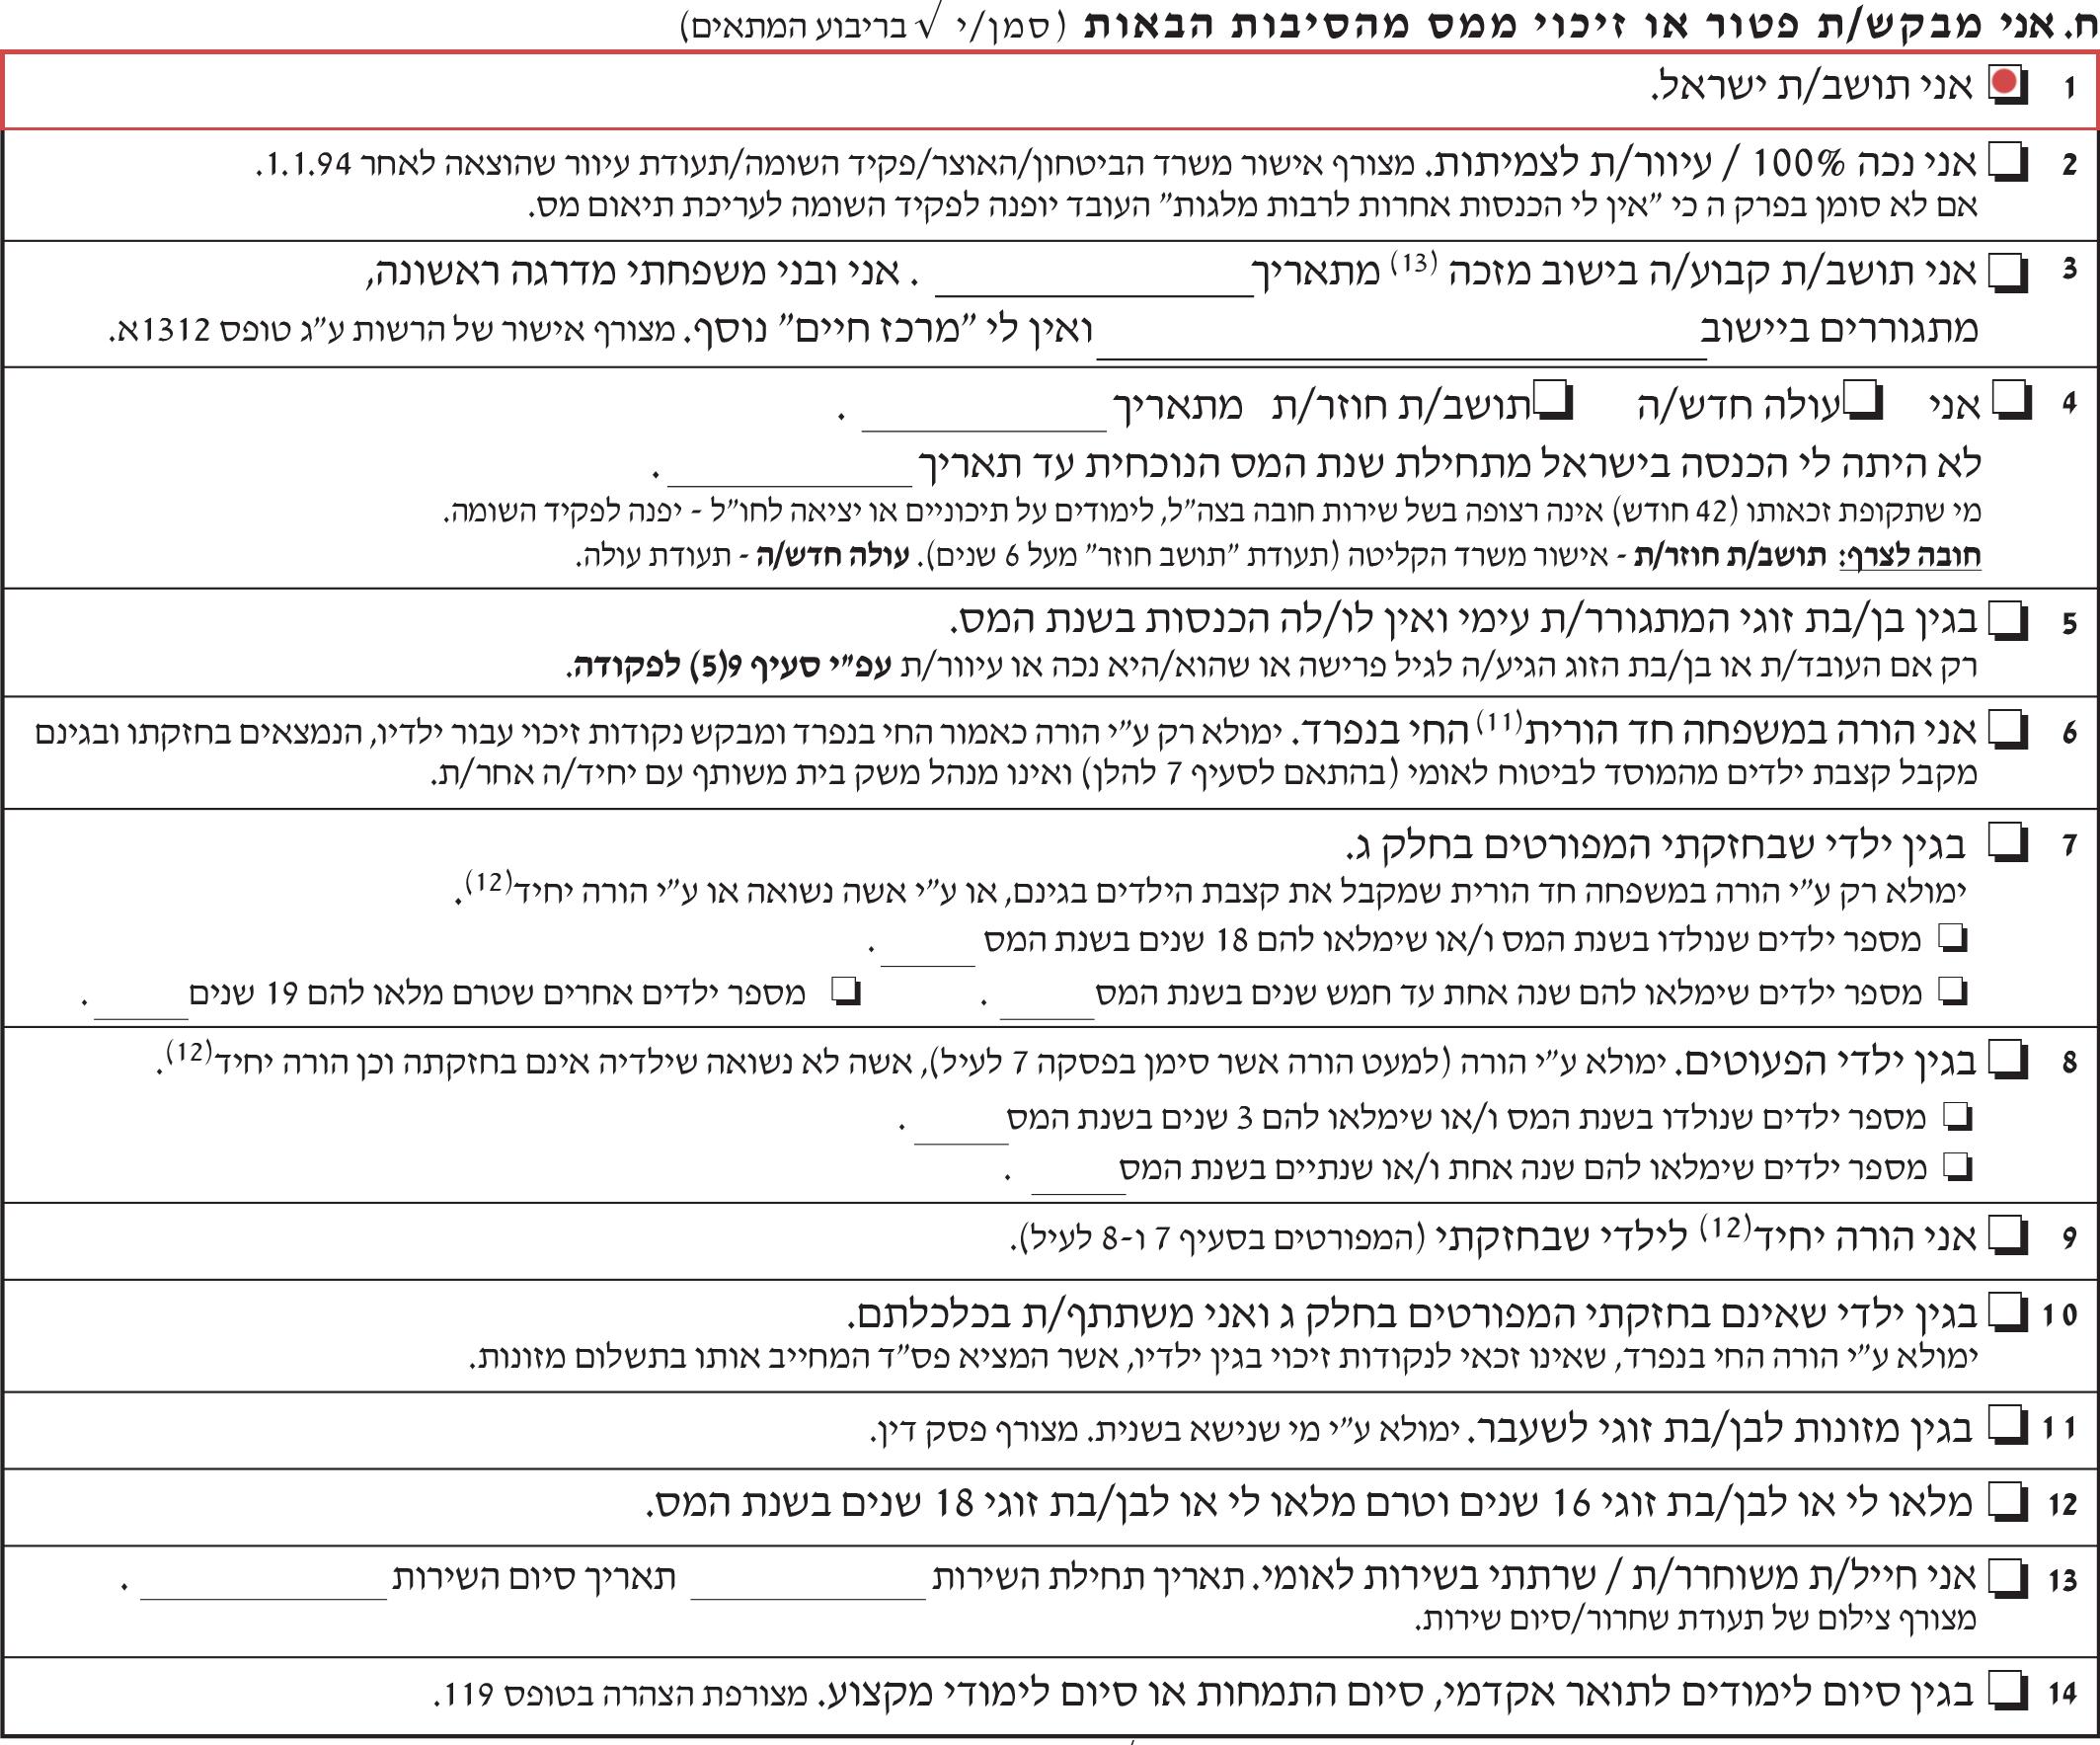 בקשת נקודות זיכוי לתושב ישראל בטופס 101 רגיל